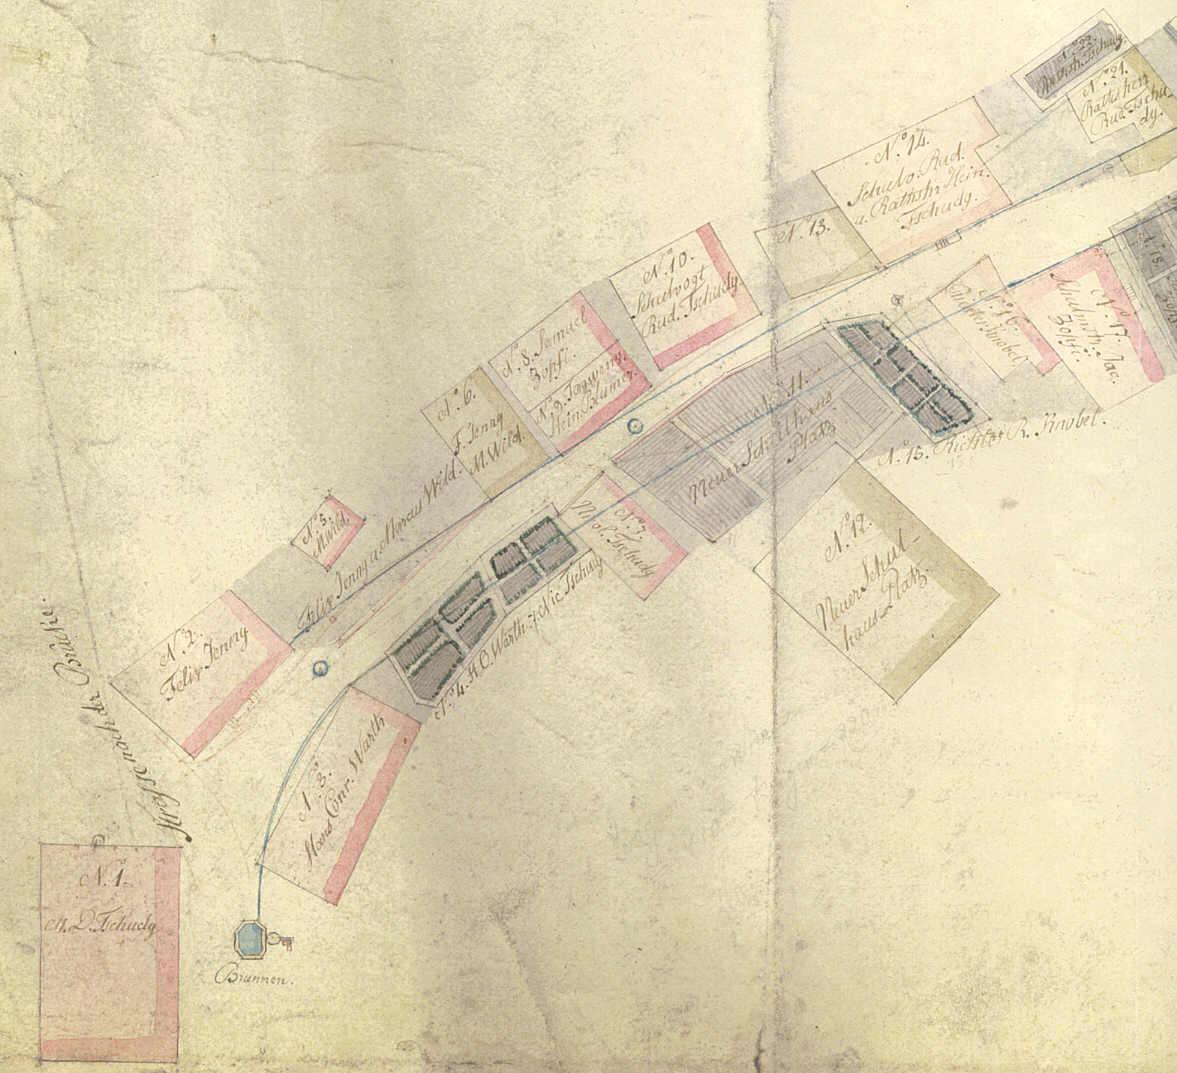 Schwanden Karte Brunnen 1837